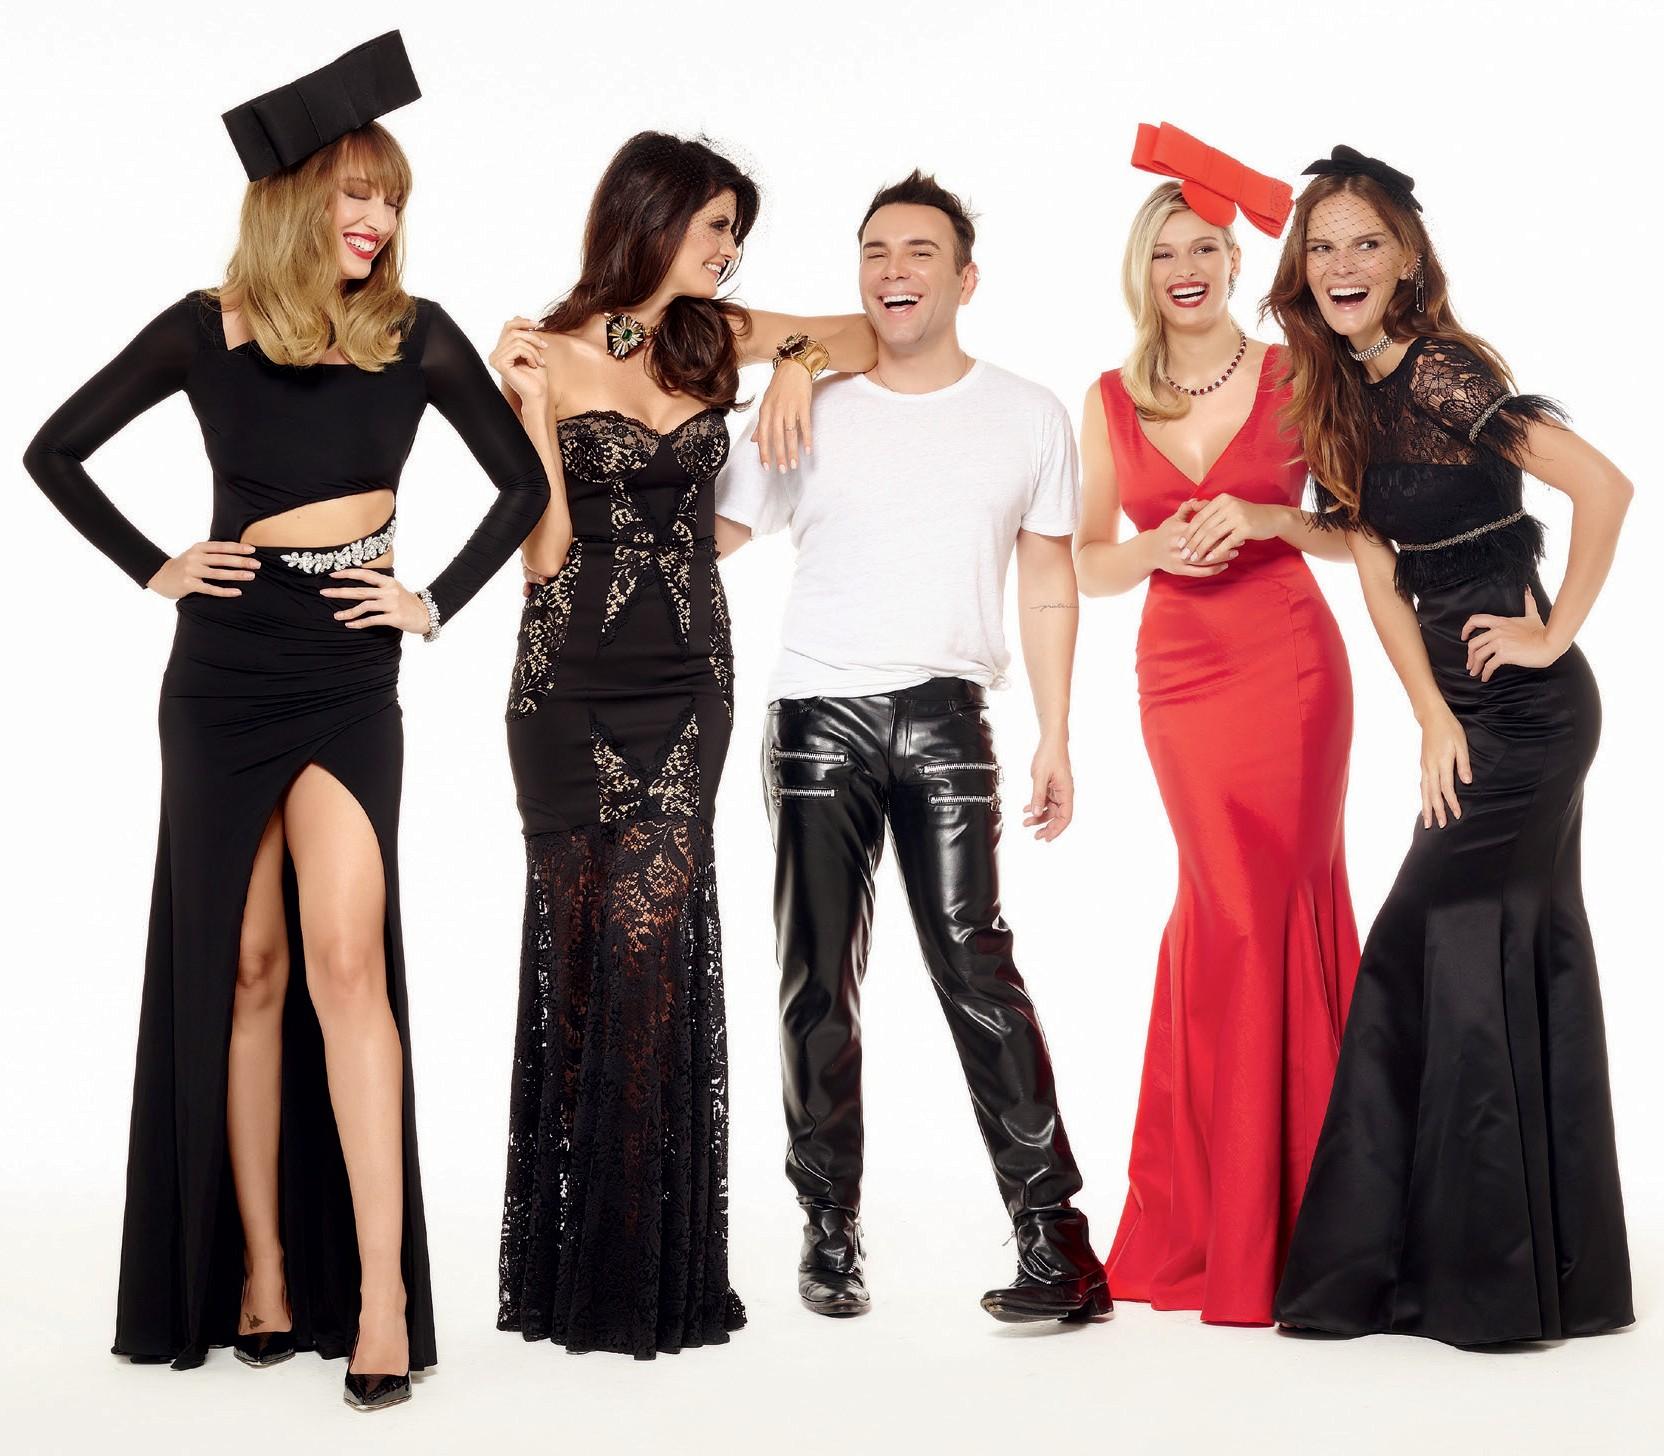 Rodeado de tops, Matheus Mazzafera mostra sua nova coleção de vestidos de festas